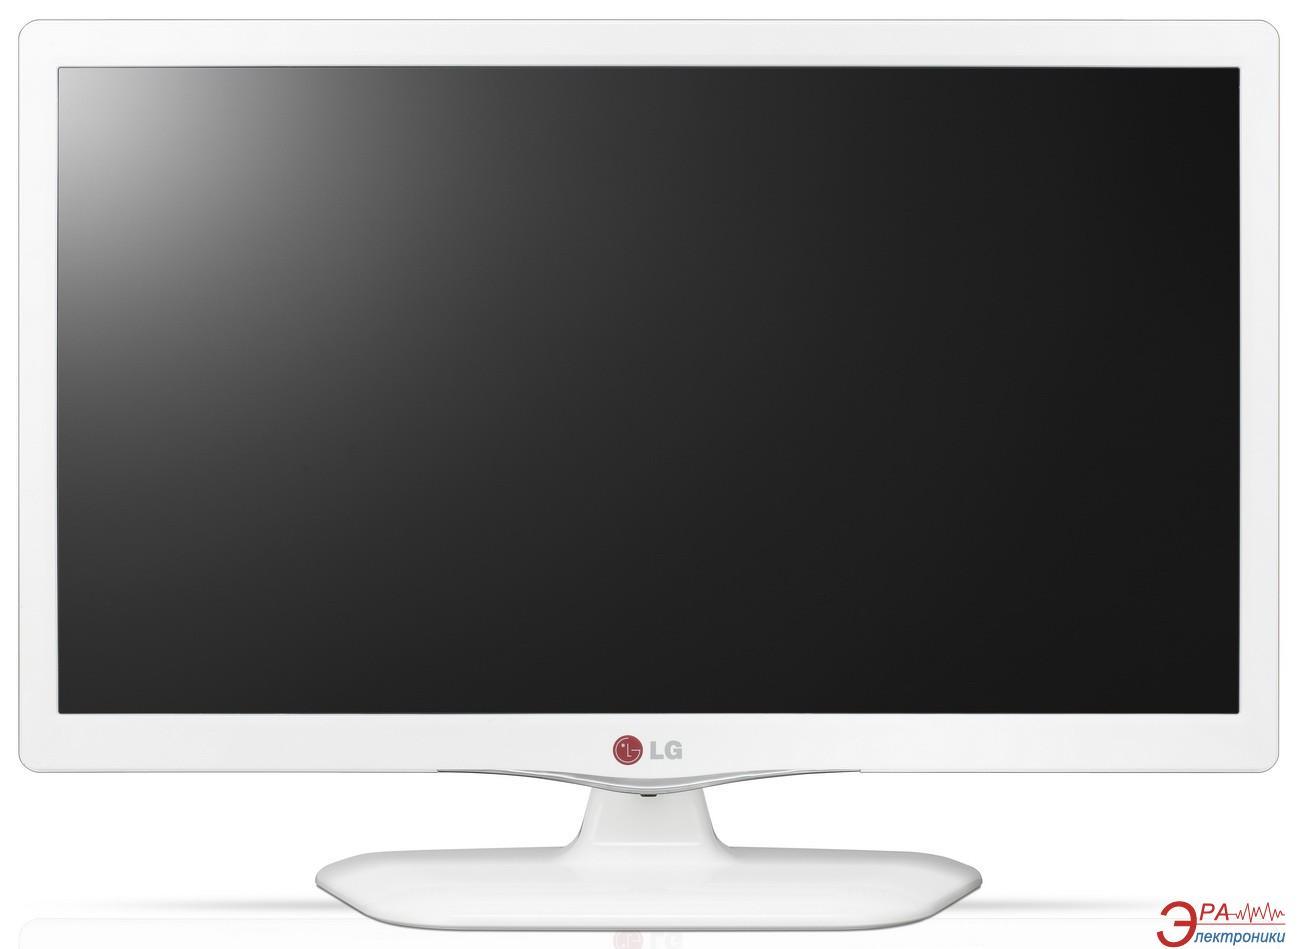 LED Телевизор 28 LG 28LB457U